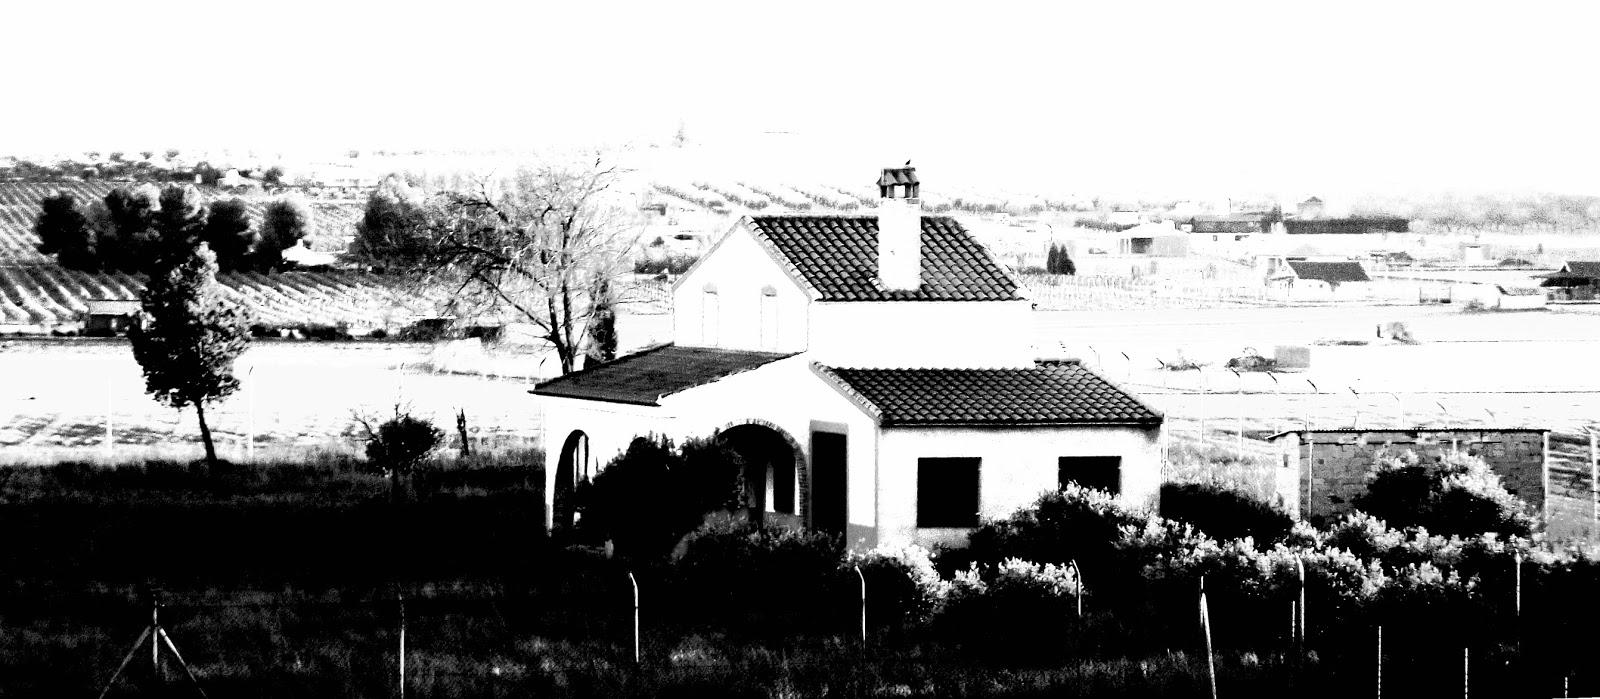 La casita blanca